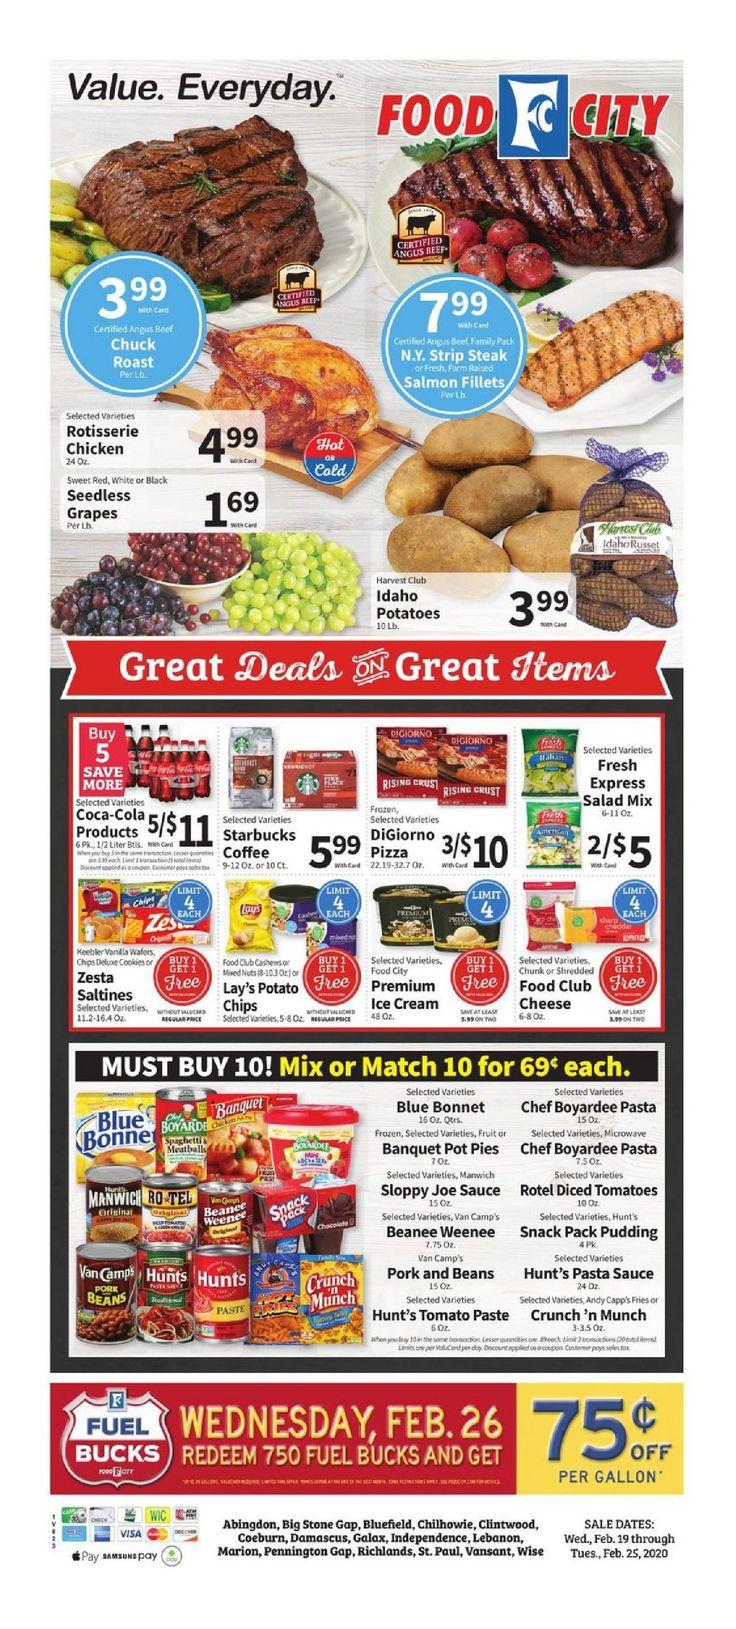 Food lion weekly ad feb 19 feb 25 2020 sneak peek